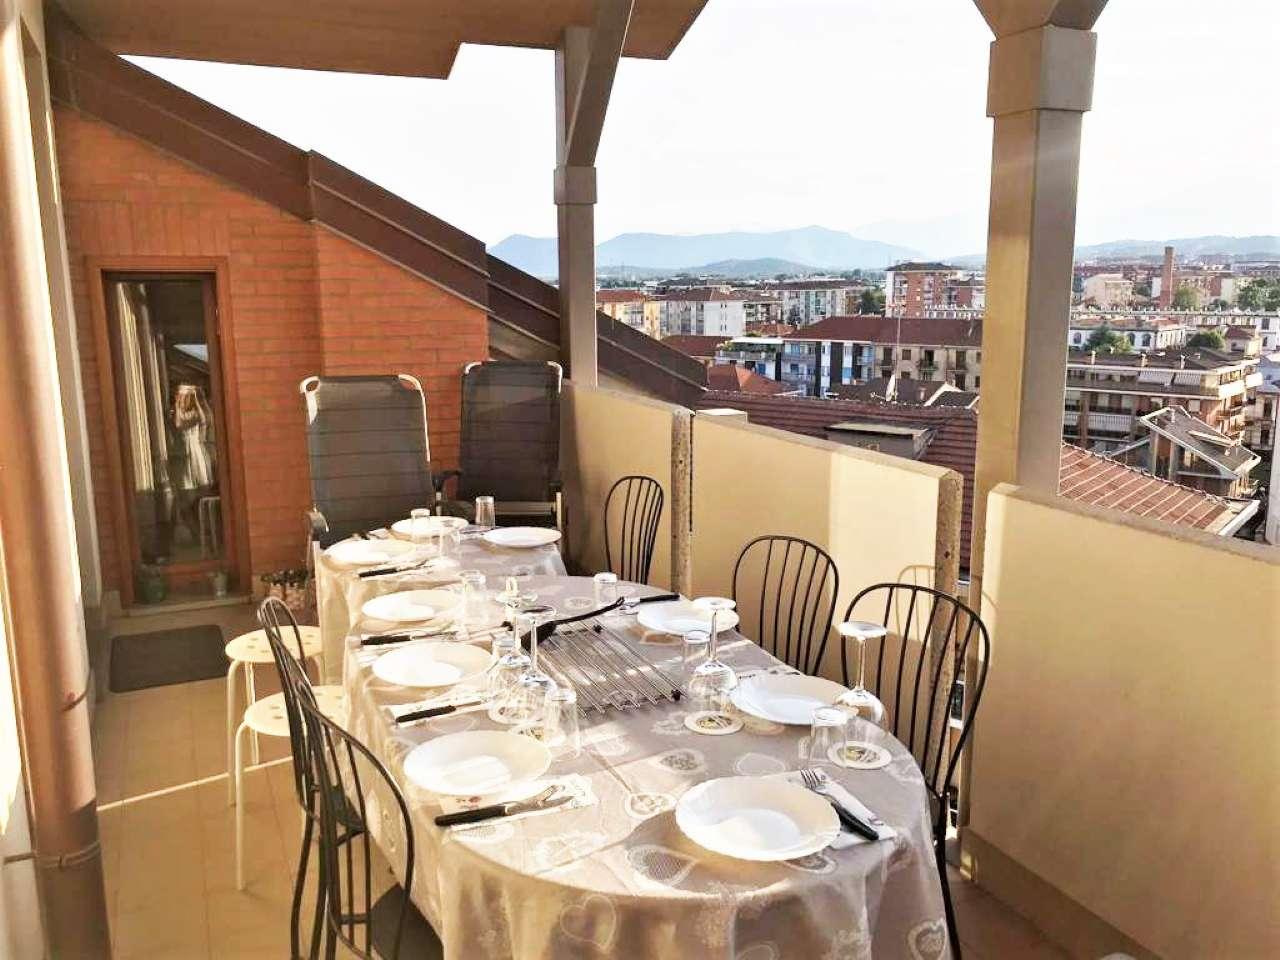 Attico / Mansarda in vendita a Collegno, 6 locali, prezzo € 439.000 | PortaleAgenzieImmobiliari.it